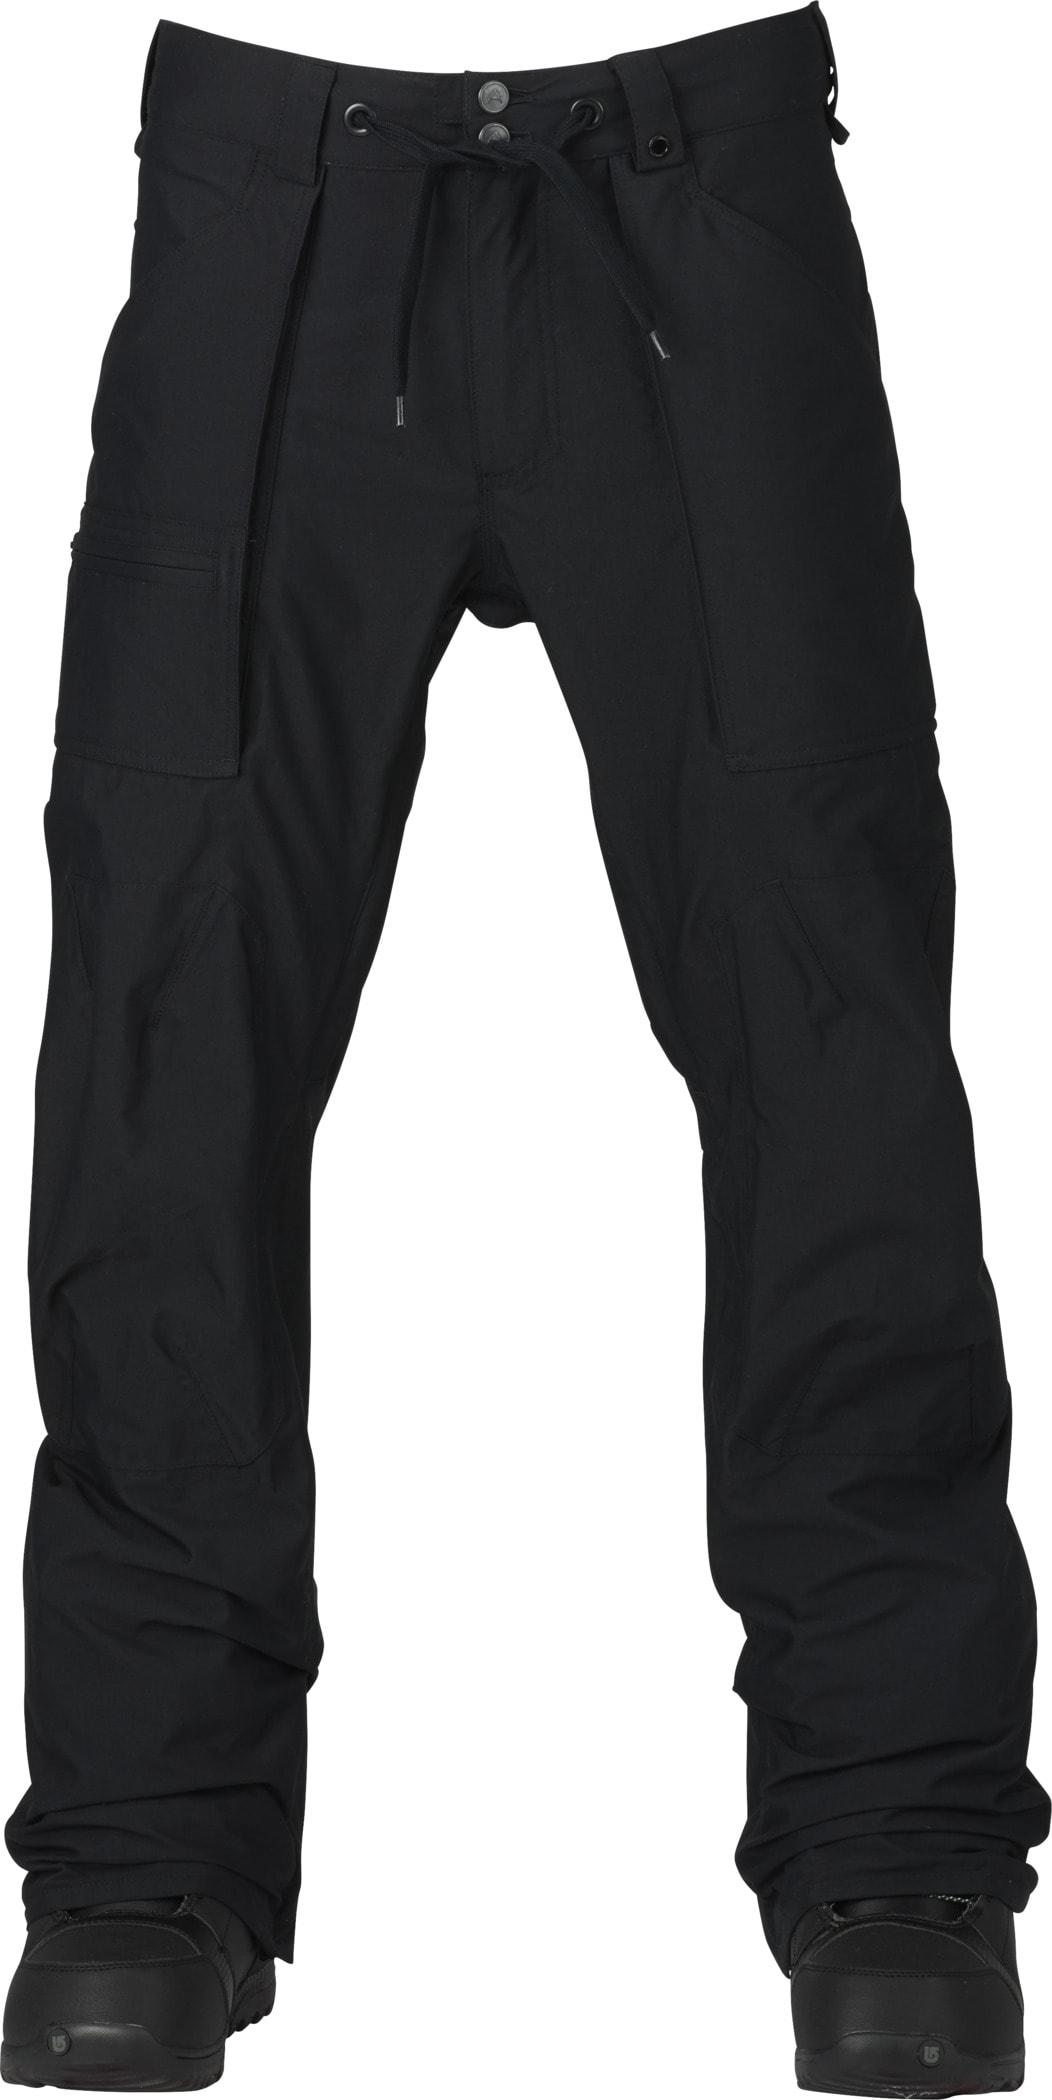 Burton Southside Mid Fit Snowboard Pants bt4ssmf02tbk17zz-burton-snowboard-pants